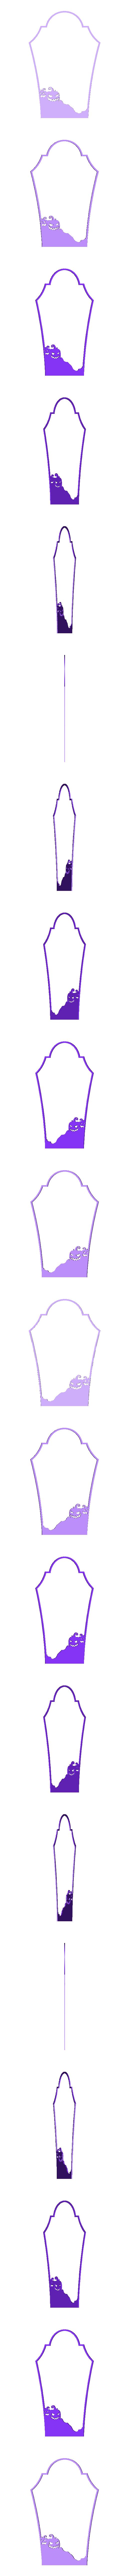 Layer_4_PUMPKINS.stl Descargar archivo STL gratis HALLOWEEN Profundidad Silueta Lápida • Diseño para impresión en 3D, Grafit